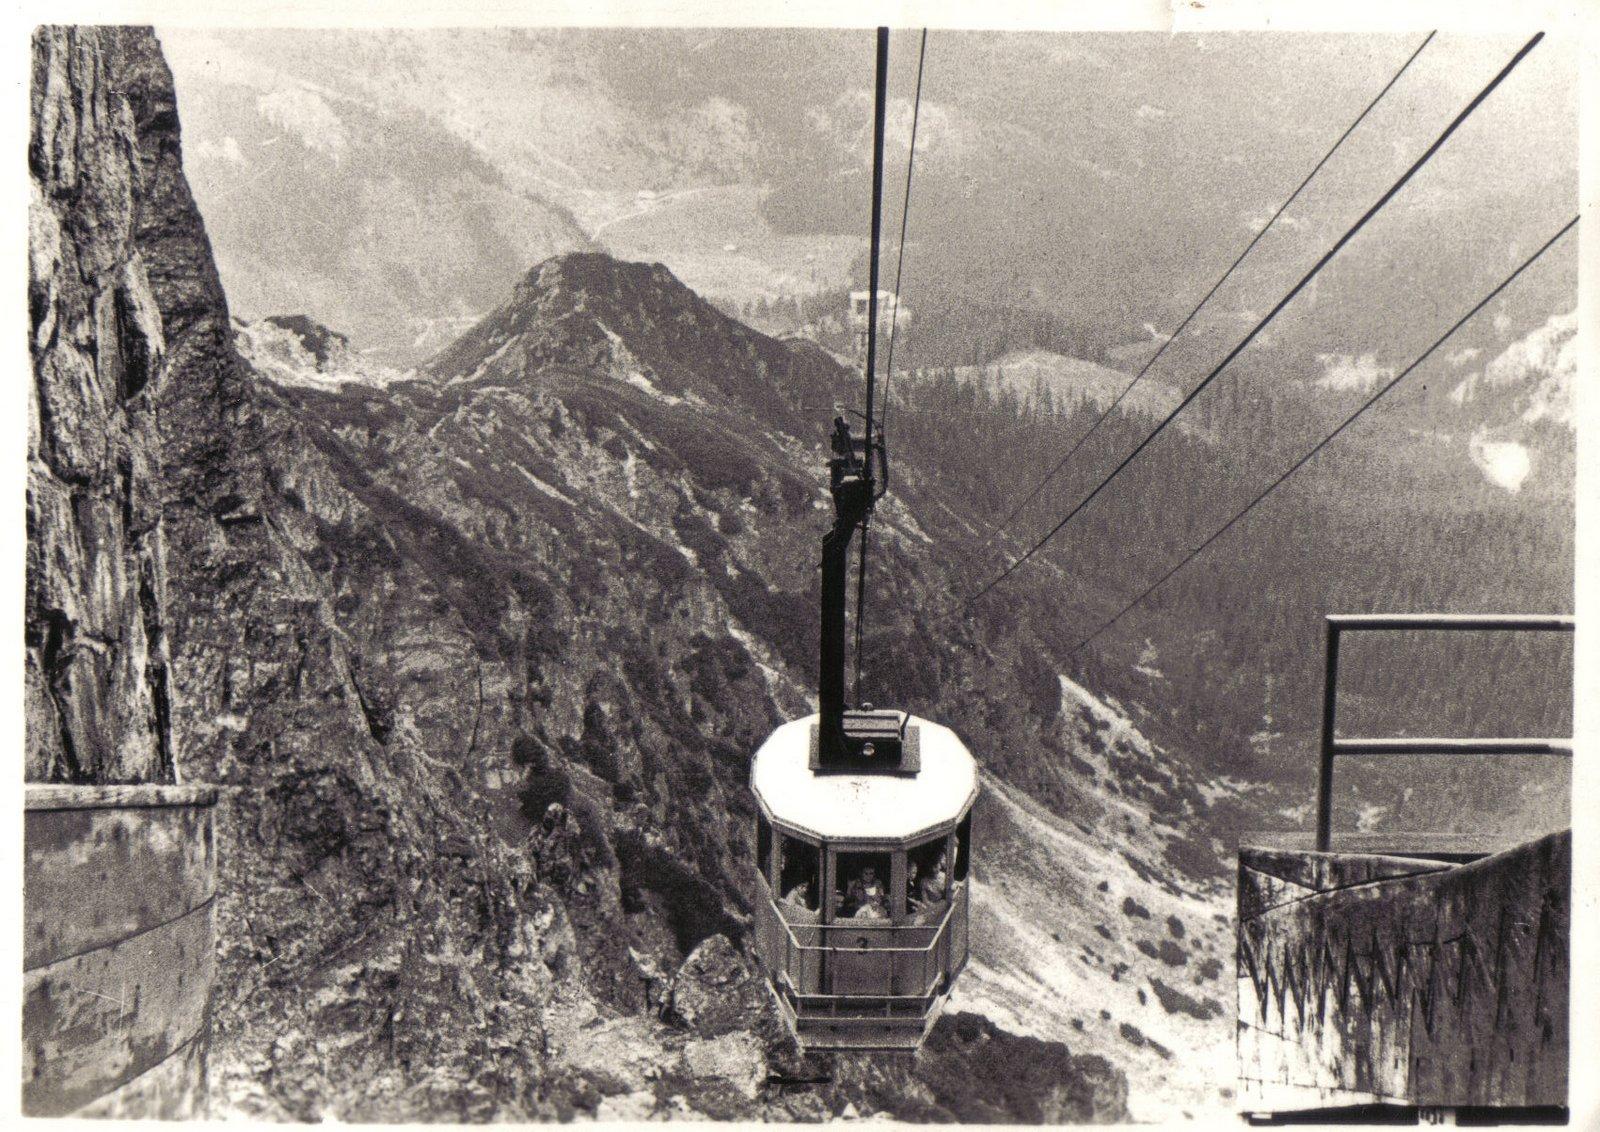 1-Kolej Kasprowy Wierch szczyt, fot. G. Russ ob.1960 (WS)-001